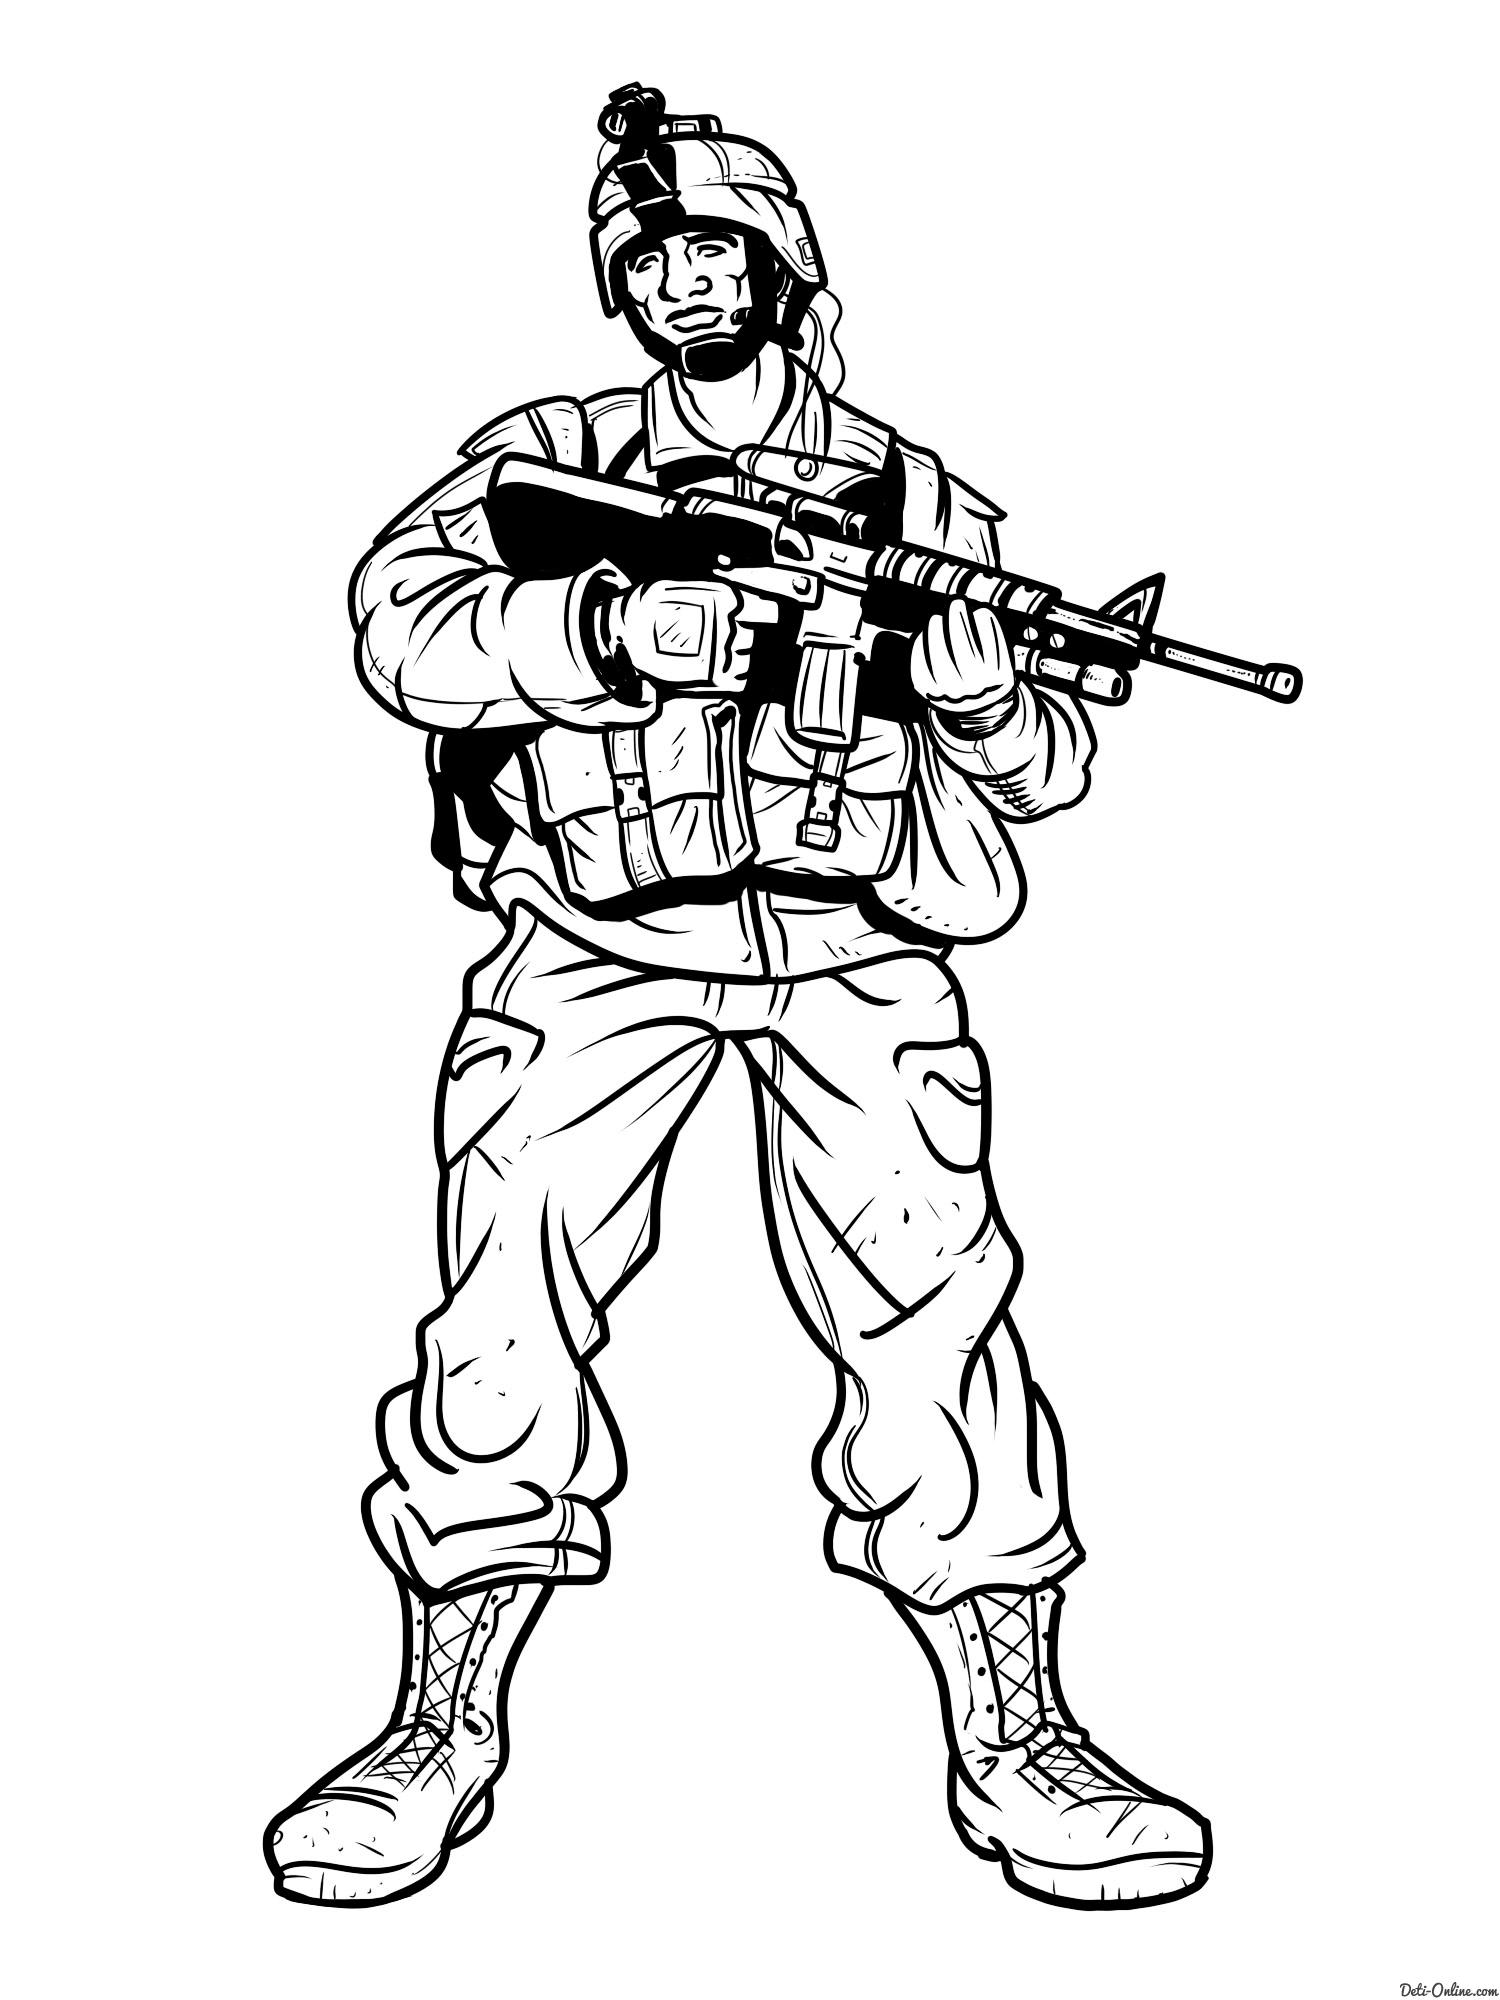 Раскраски для мальчиков онлайн бесплатно. Раскраски для детей с солдатами.  Скачать бесплатные раскраски для детей. Раскраски для мальчиков онлайн бесплатно. Раскраски для детей с солдатами. Раскраски для детей скачать. Бесплатные детские раскраски.